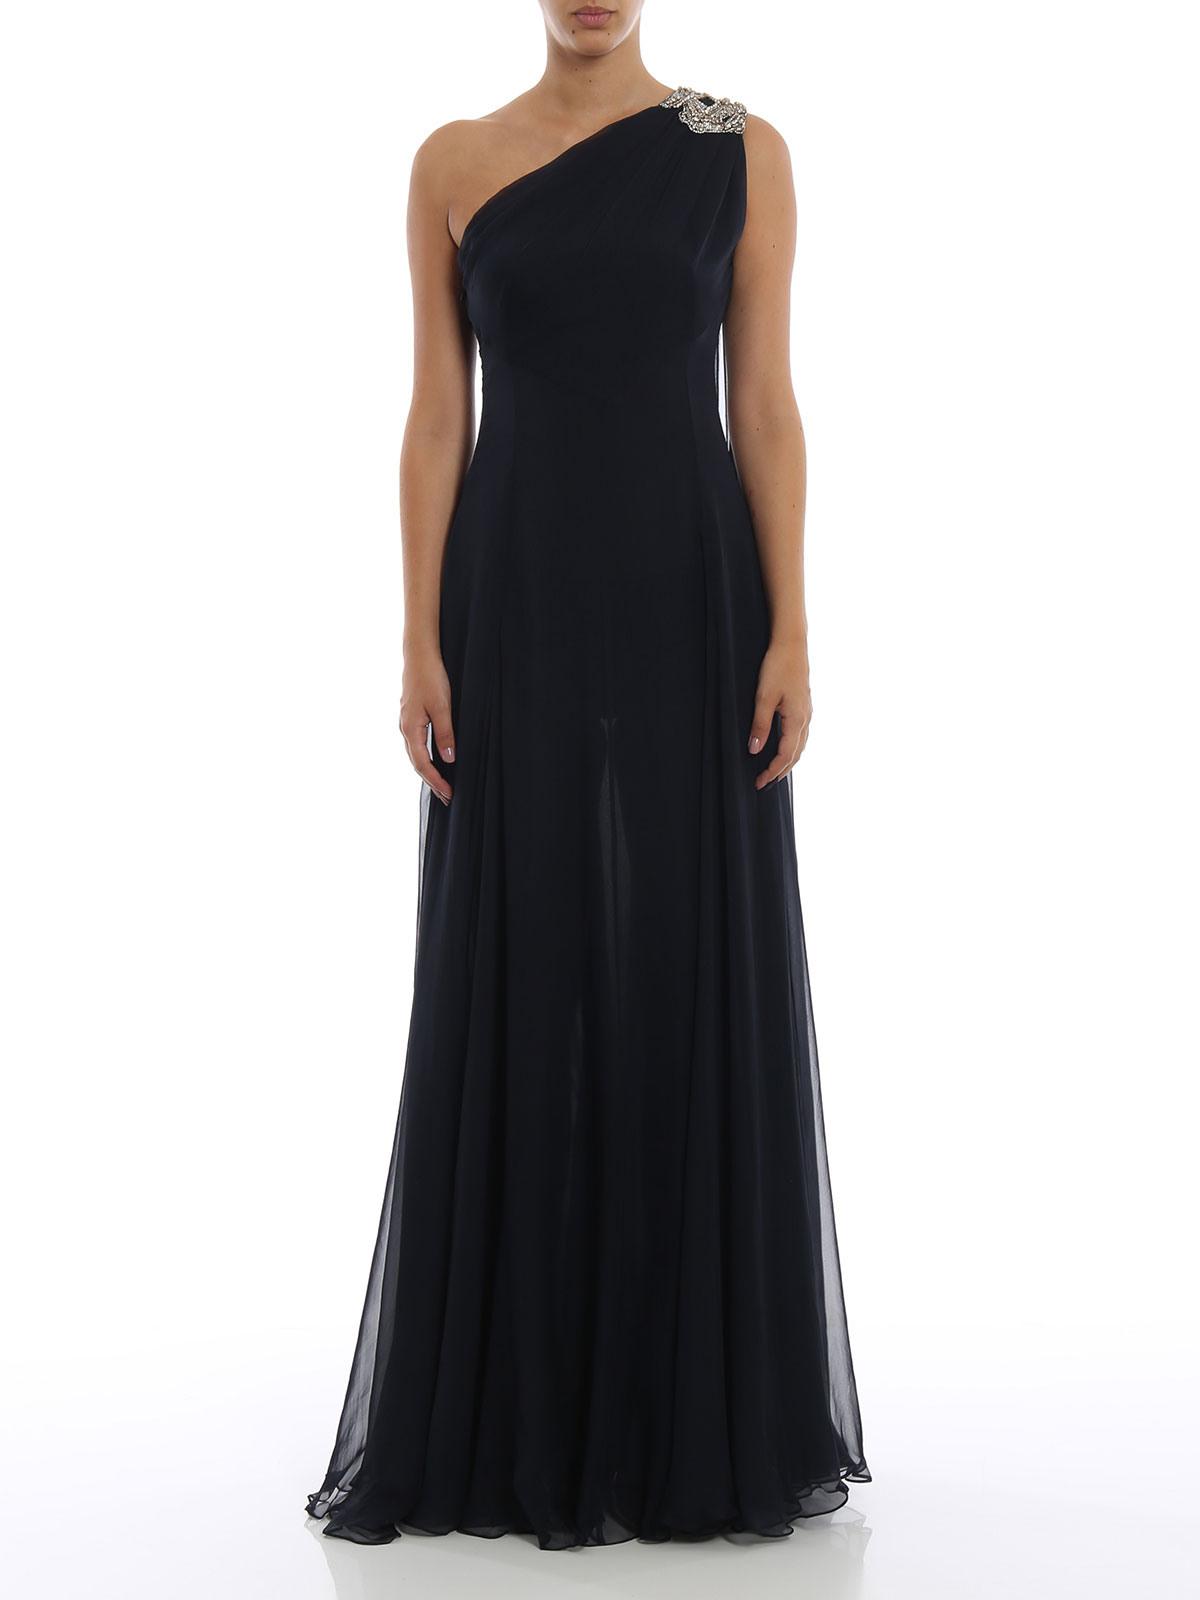 20 Einfach Alexander Mc Queen Abendkleid Stylish15 Erstaunlich Alexander Mc Queen Abendkleid Vertrieb